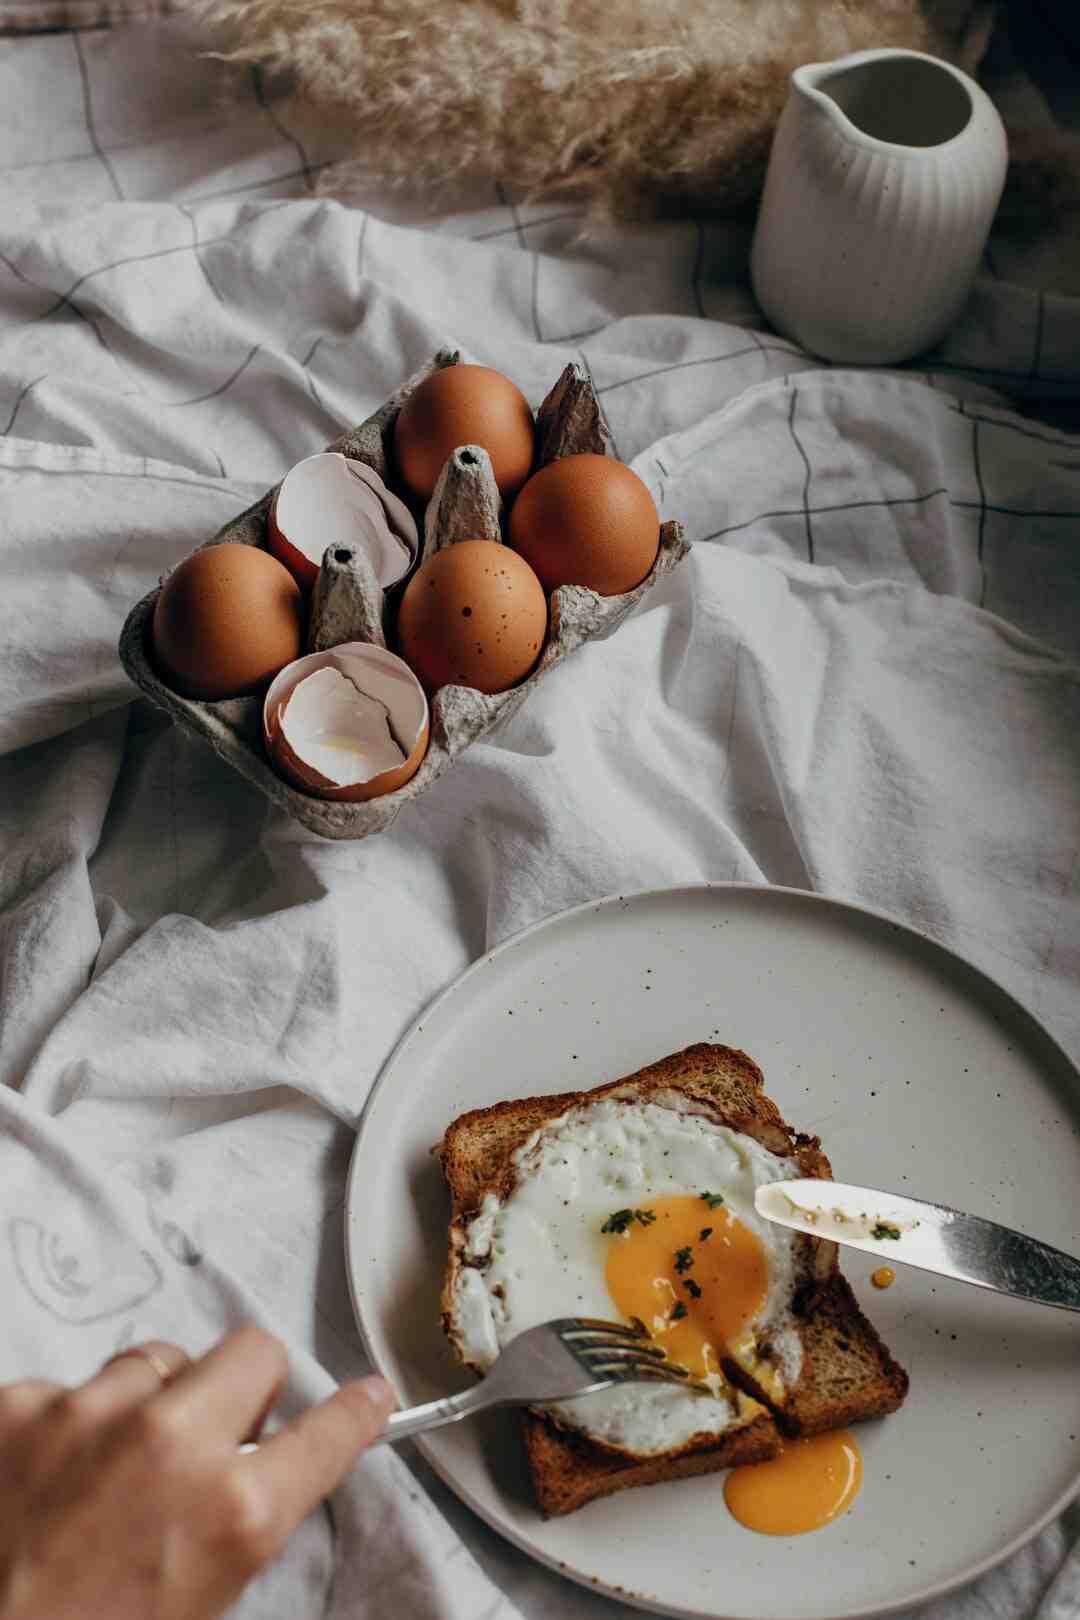 Comment savoir si les œufs sont extra frais ?